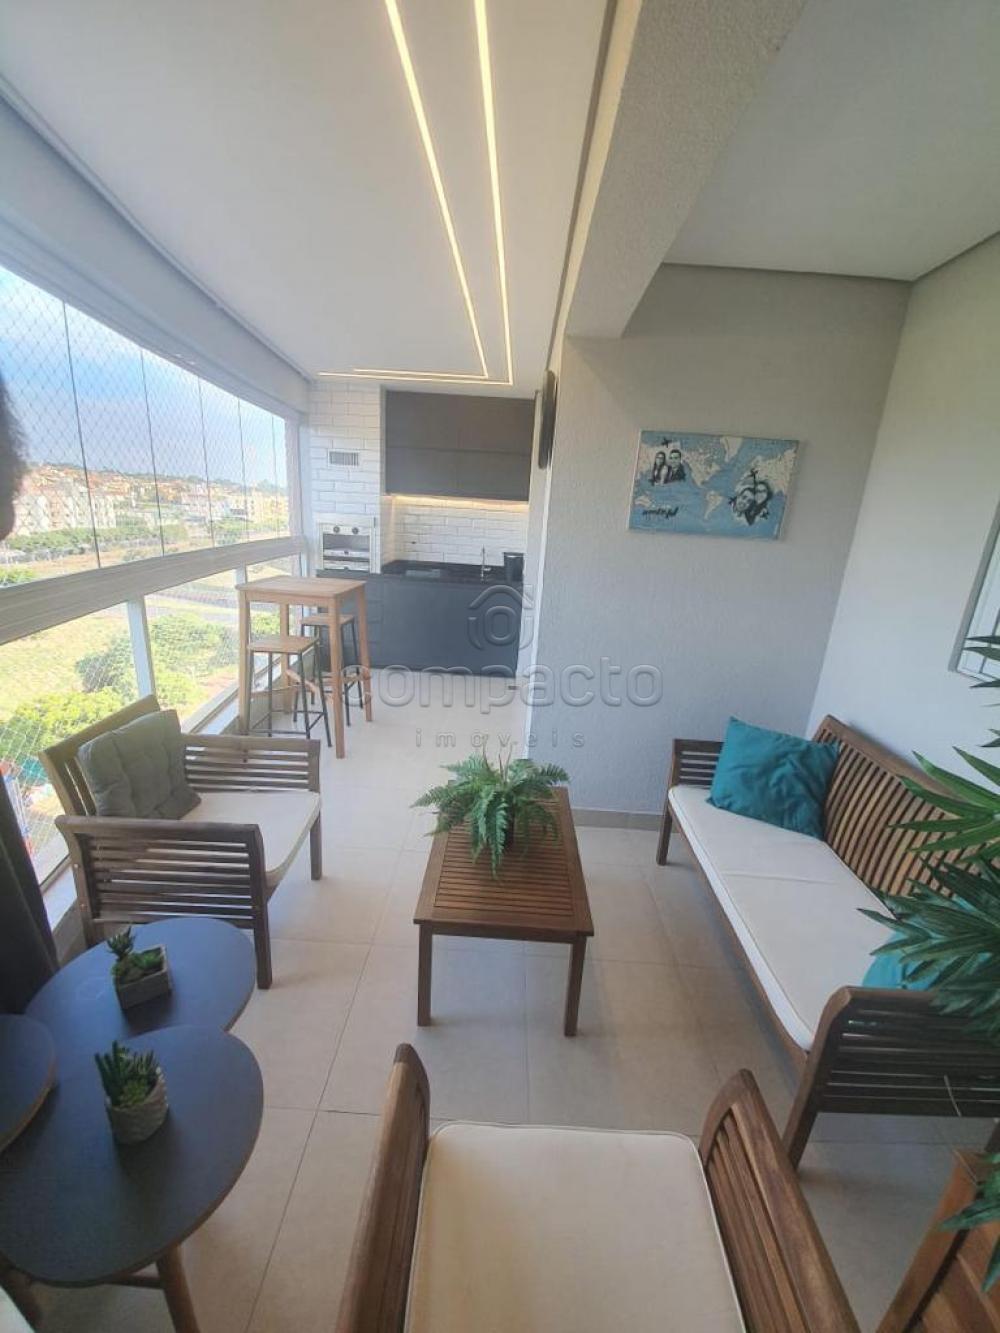 Comprar Apartamento / Padrão em São José do Rio Preto apenas R$ 635.000,00 - Foto 4